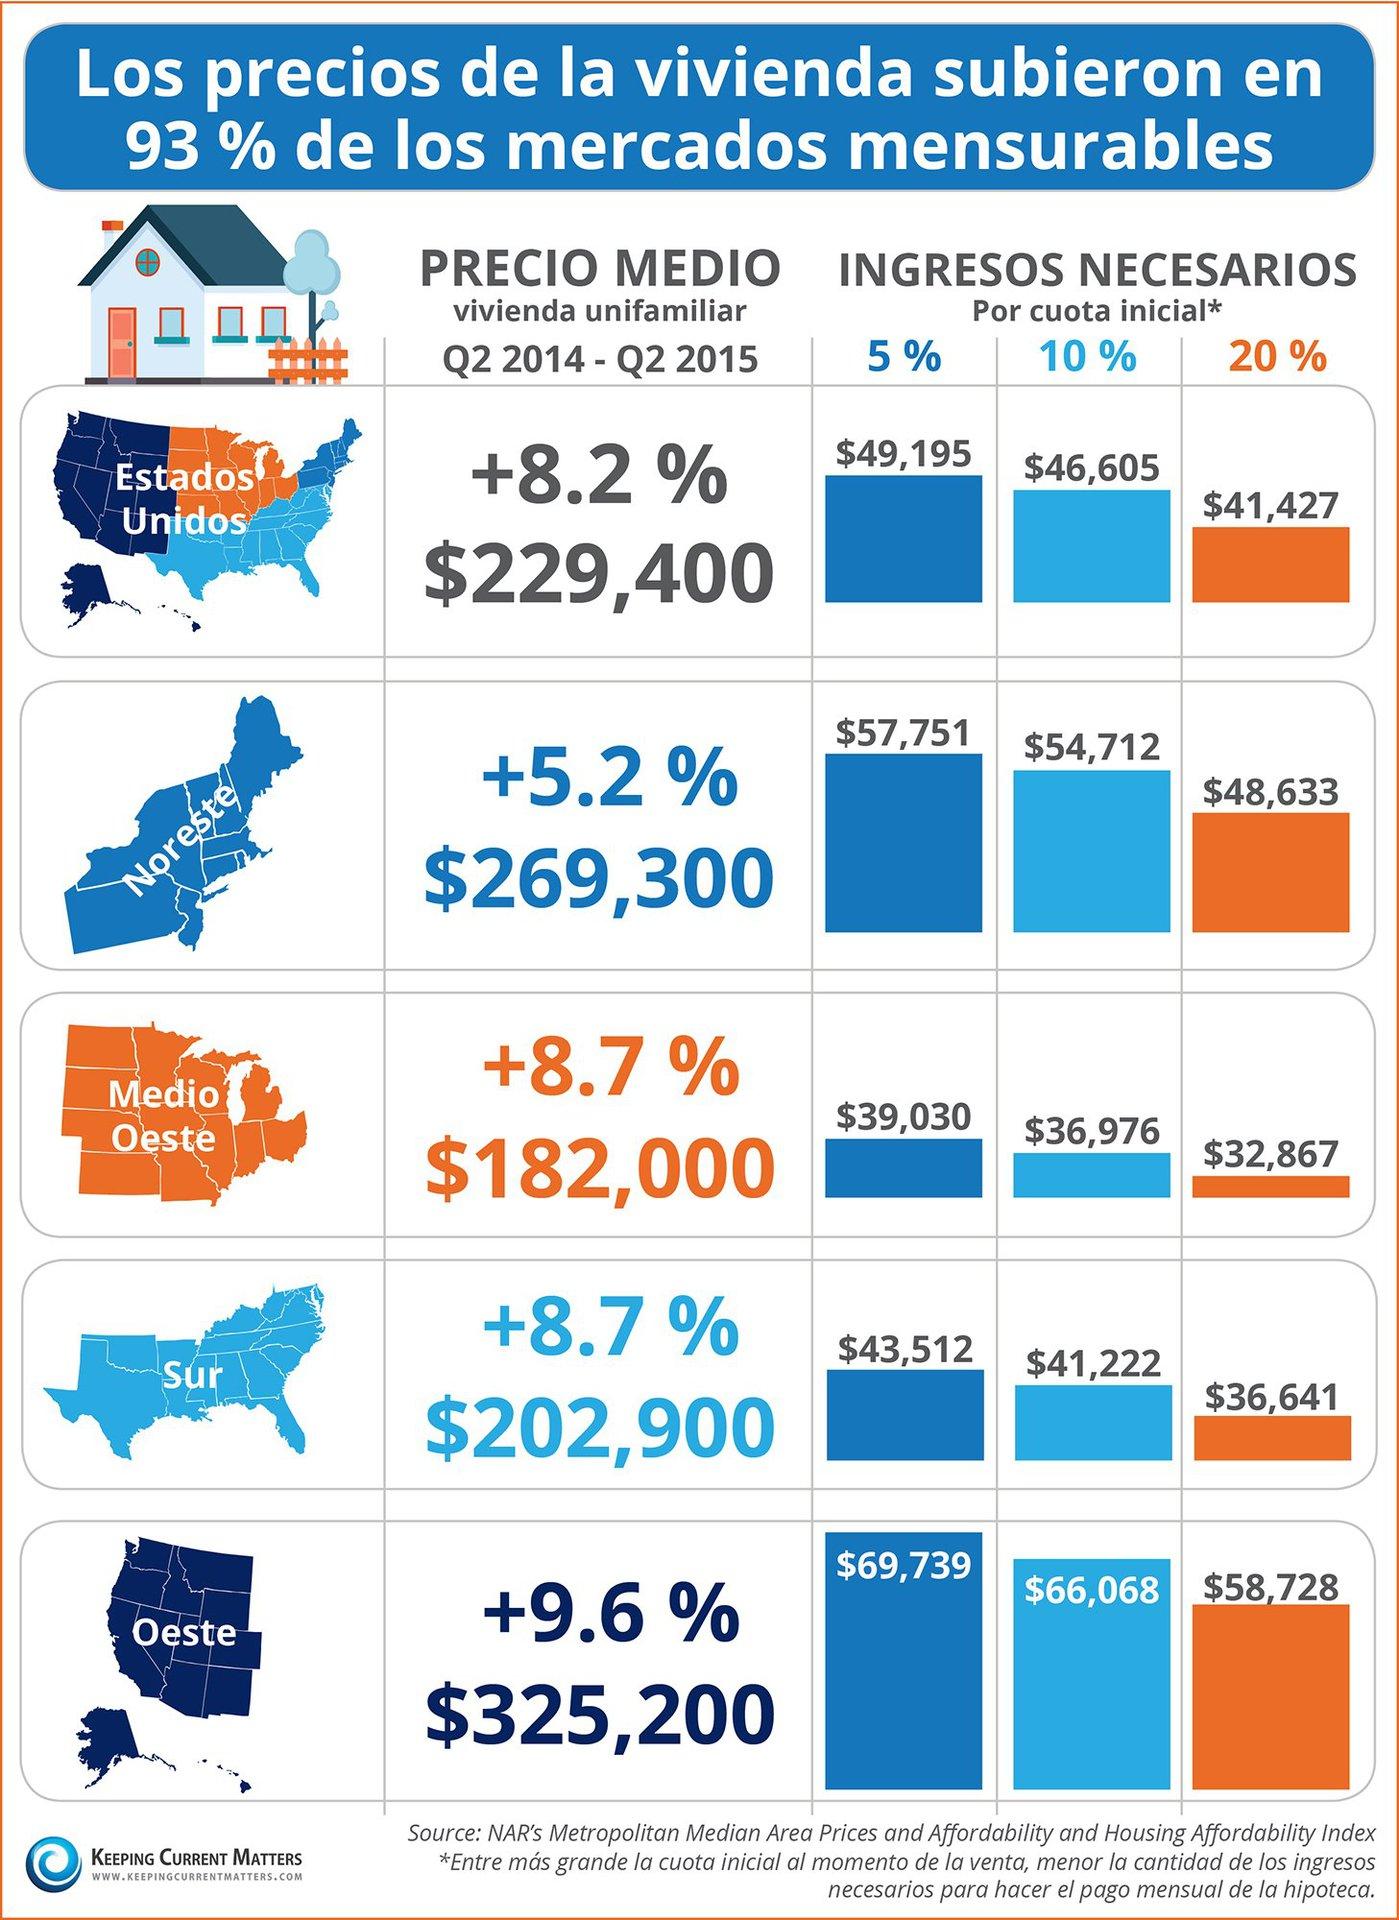 Los precios de la vivienda subieron en 93 % de los mercados mensurables [INFOGRAFíA] | Keeping Current Matters